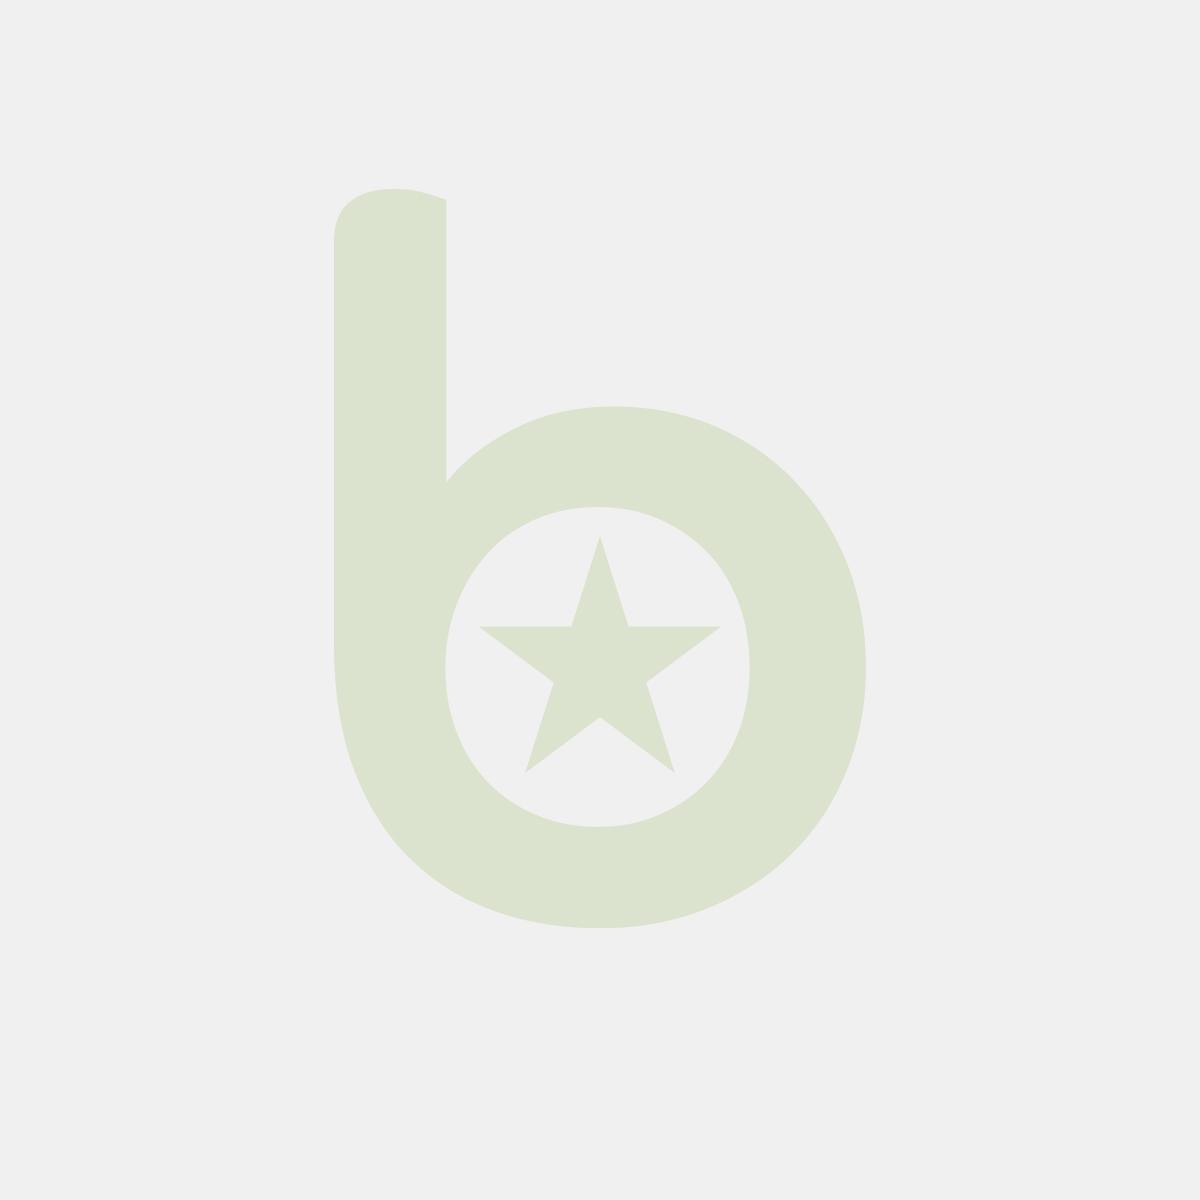 Stand bufetowy SetBamboo 1 naturalny 30x30x10; 45x30x15; 60x30x20 zestaw 3 sztuki